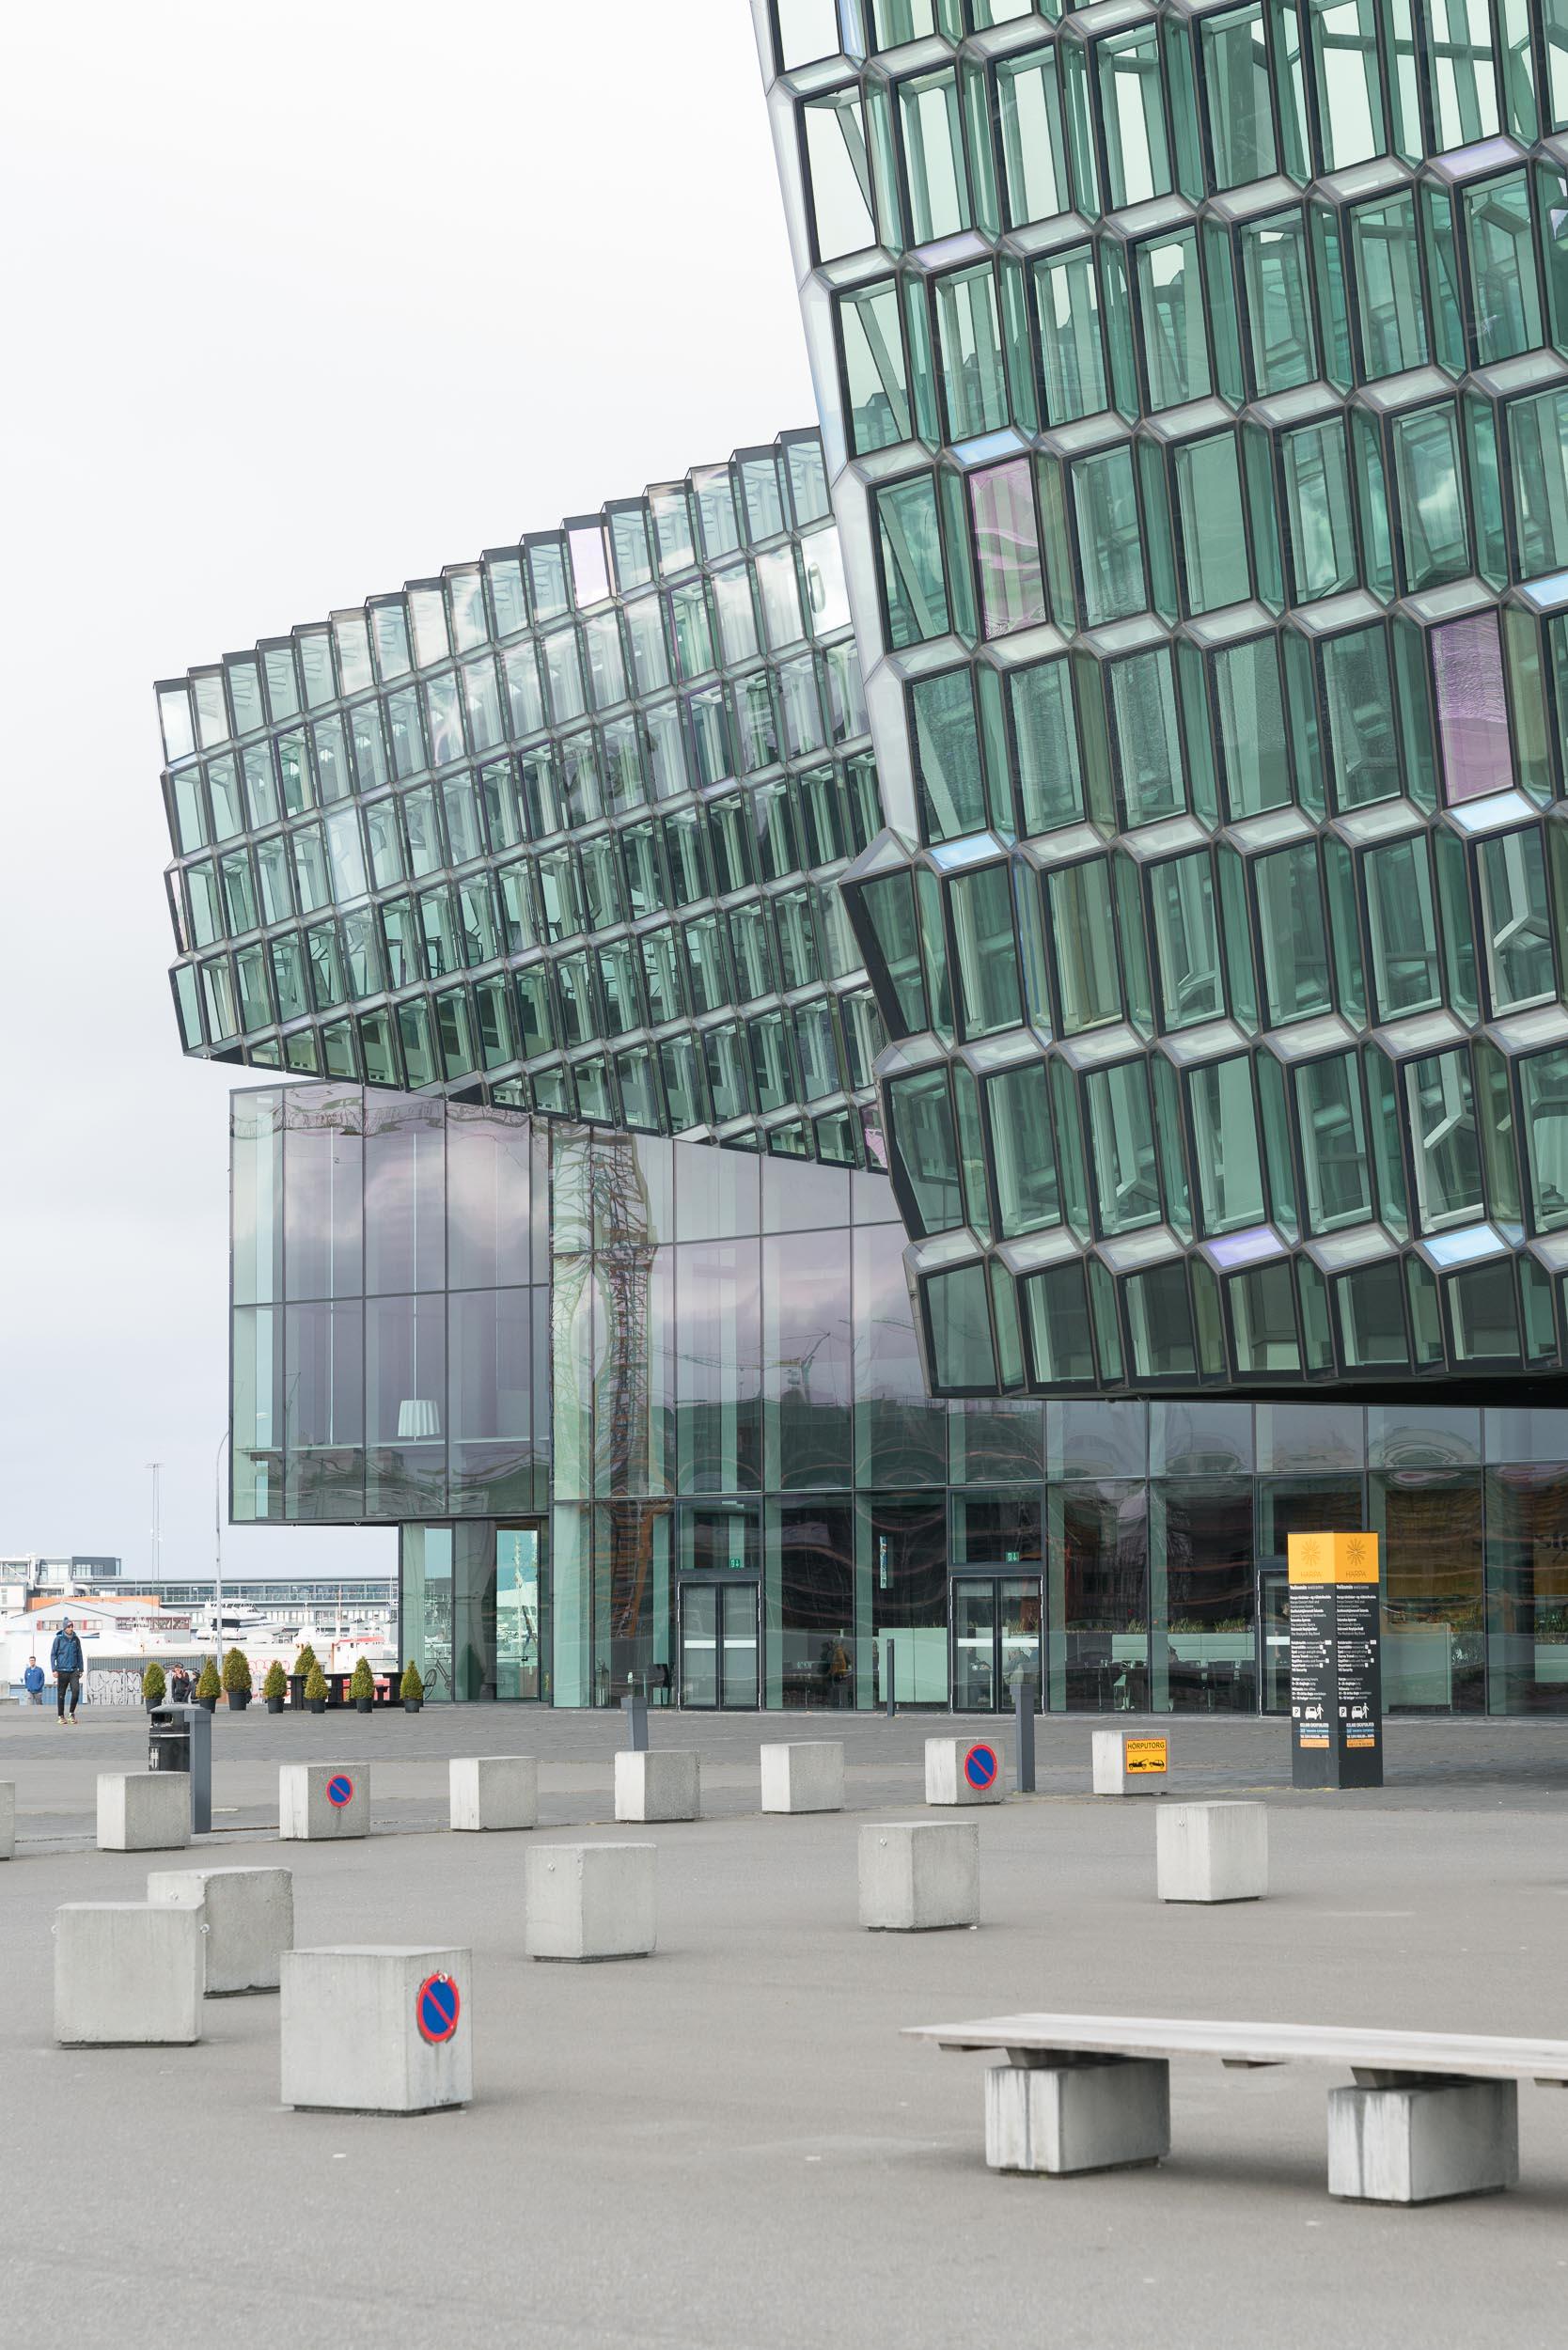 iceland_reykjavik-2.jpg